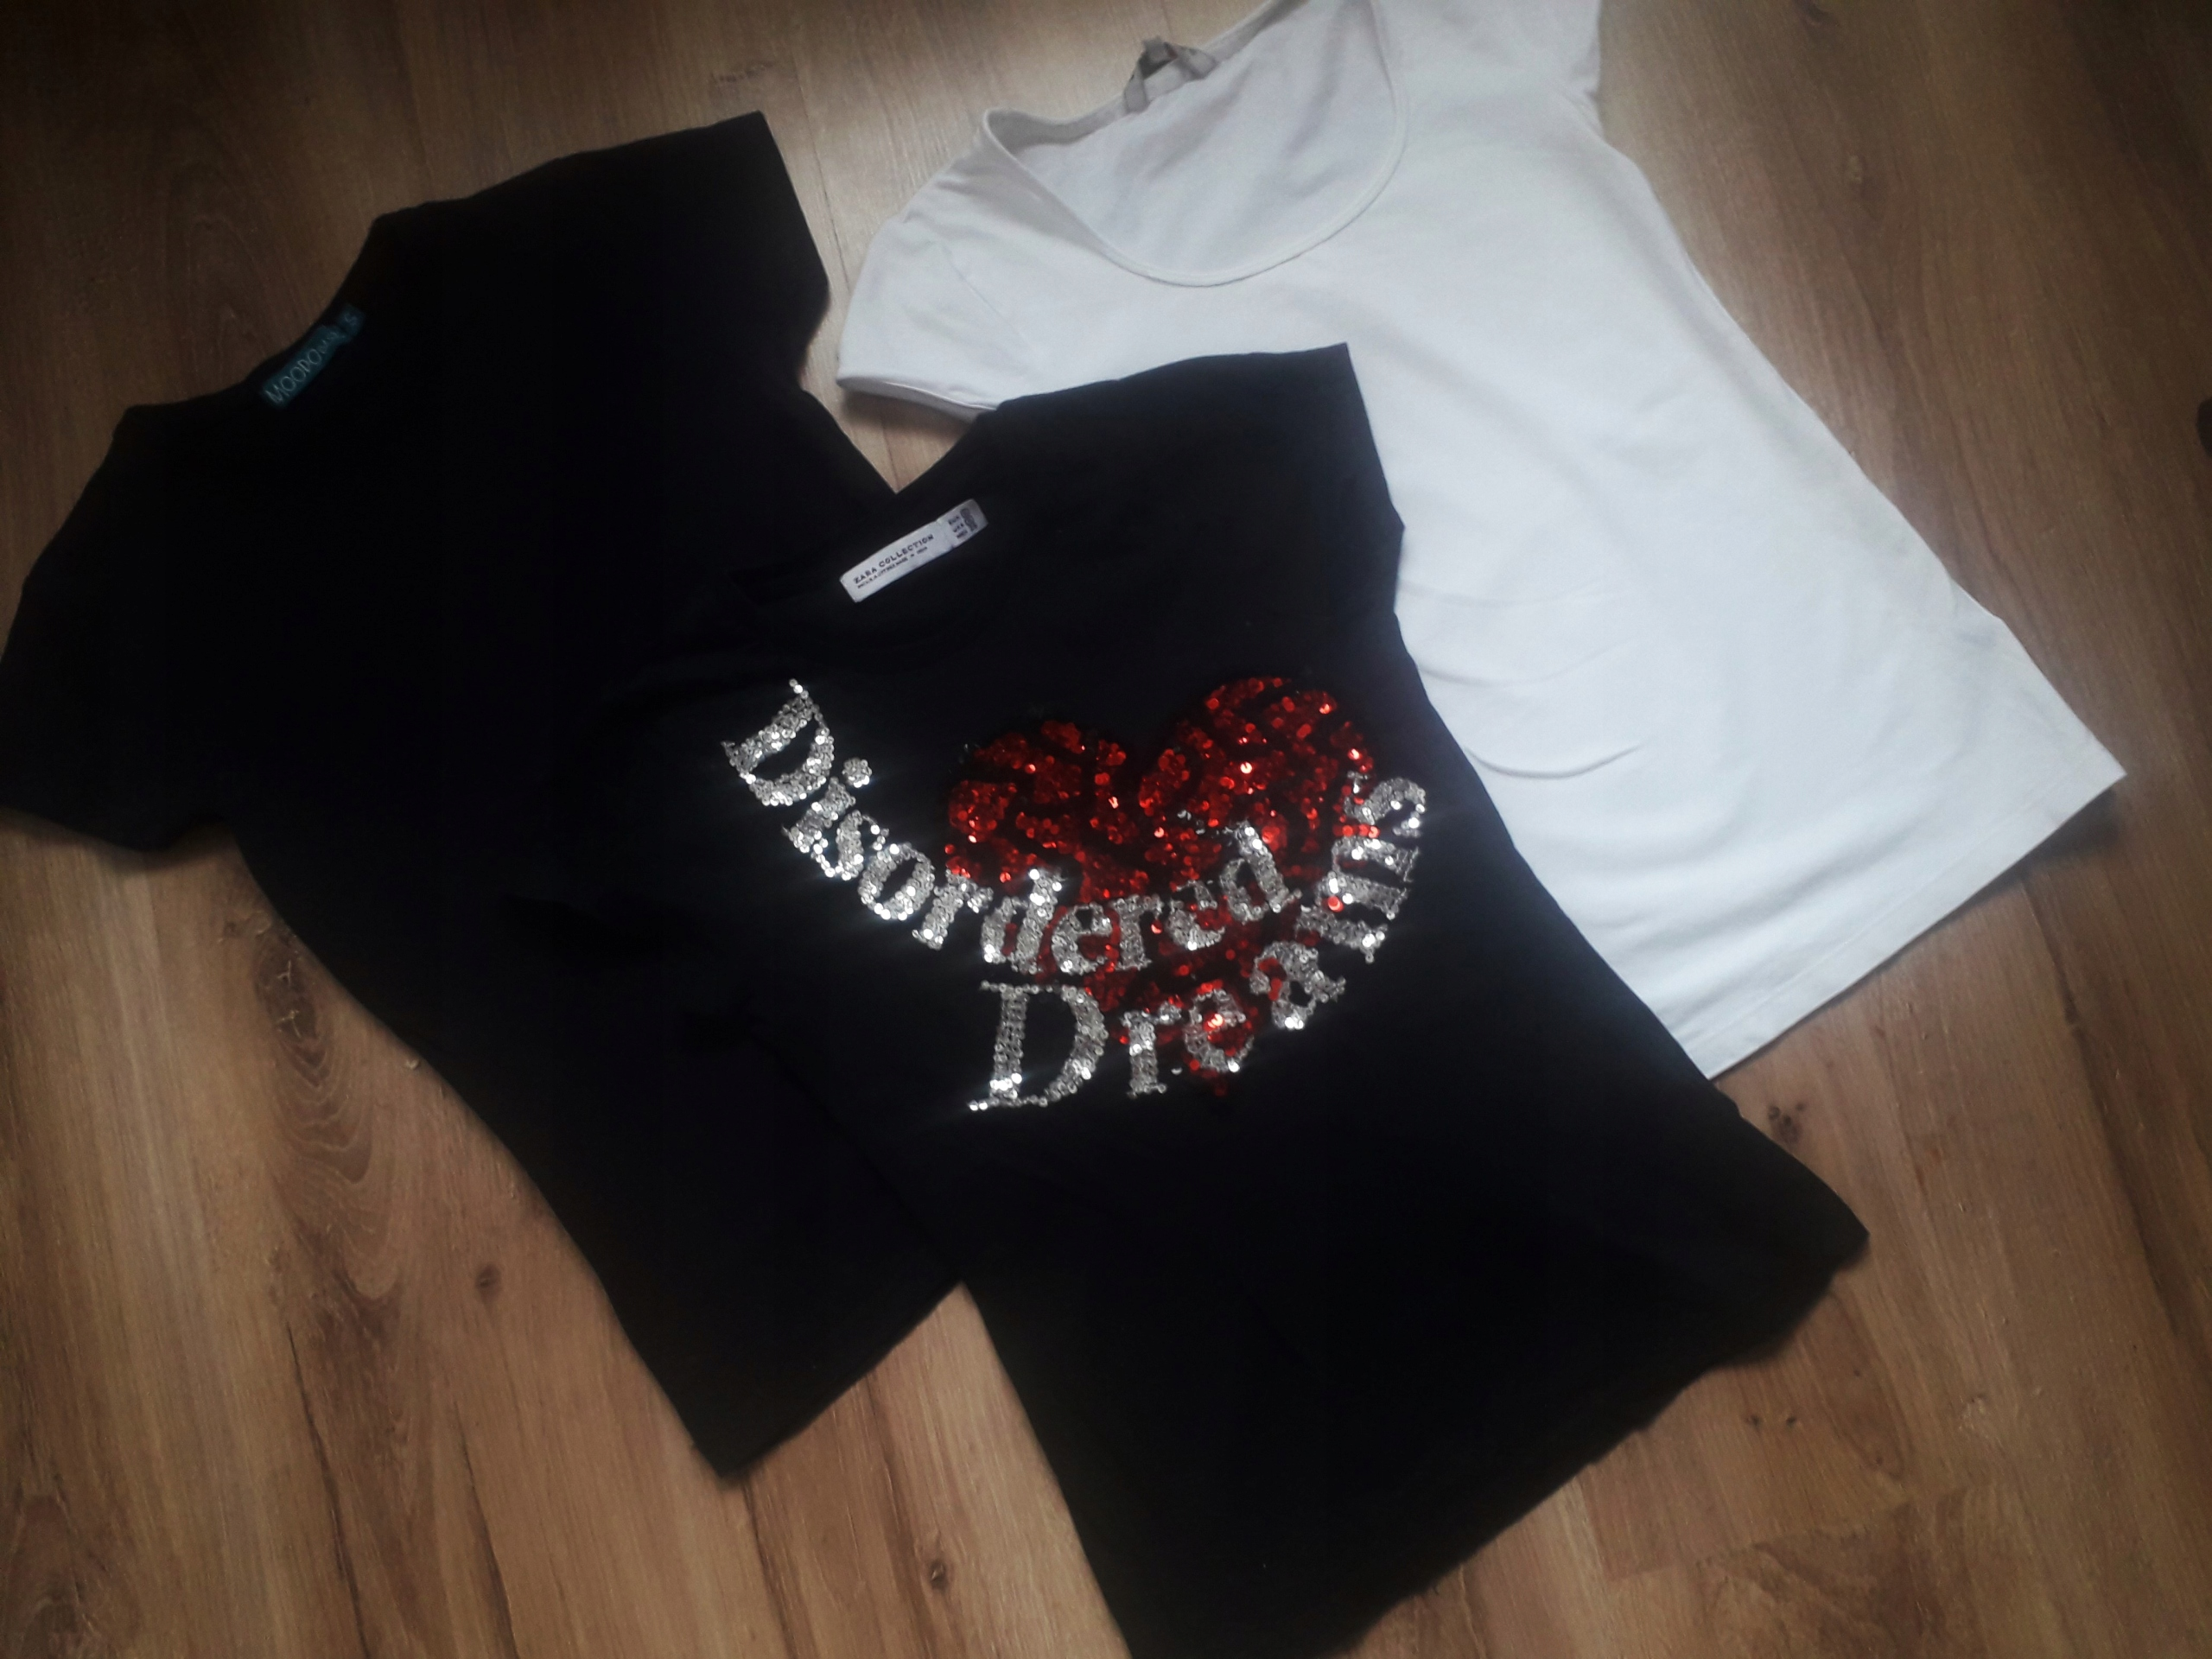 ZESTAW 10 szt. bluzeczki ZARA H&M ORSAY 36 S